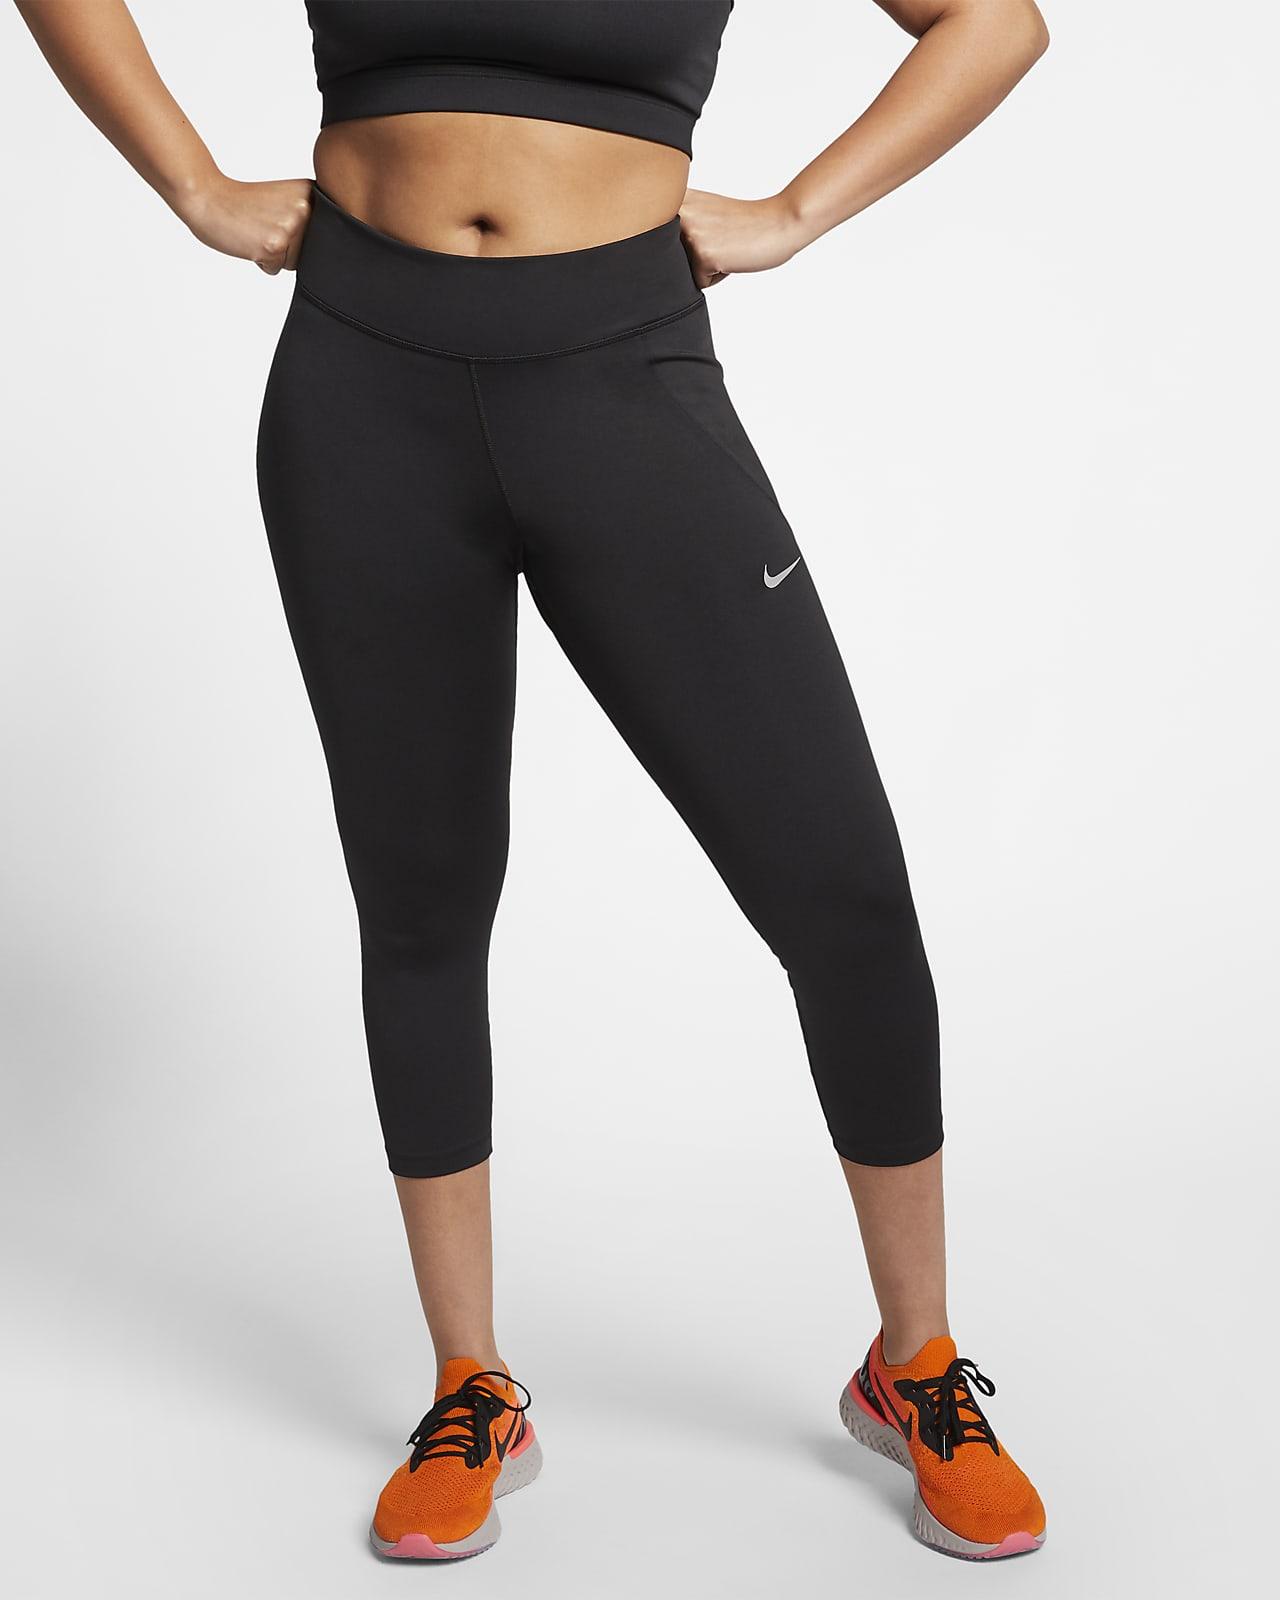 Nike Fast Normal Belli Bilek Üstü Kadın Koşu Taytı (Büyük Beden)